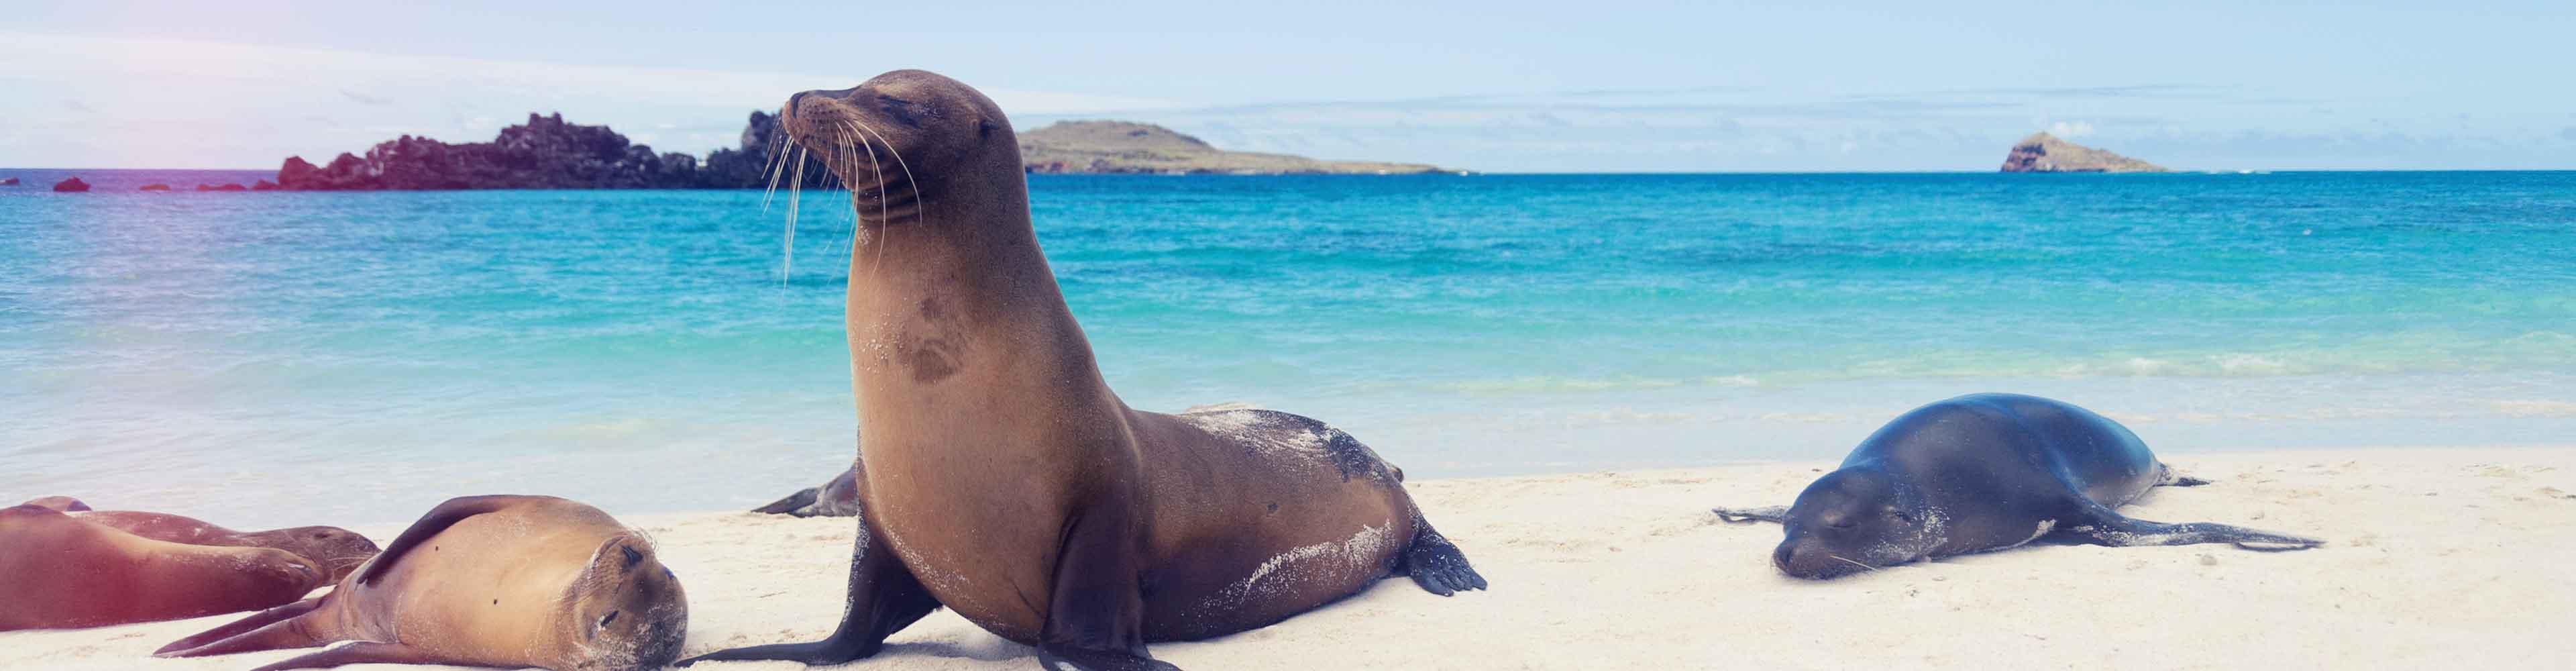 Galapagos Express (Daphne)